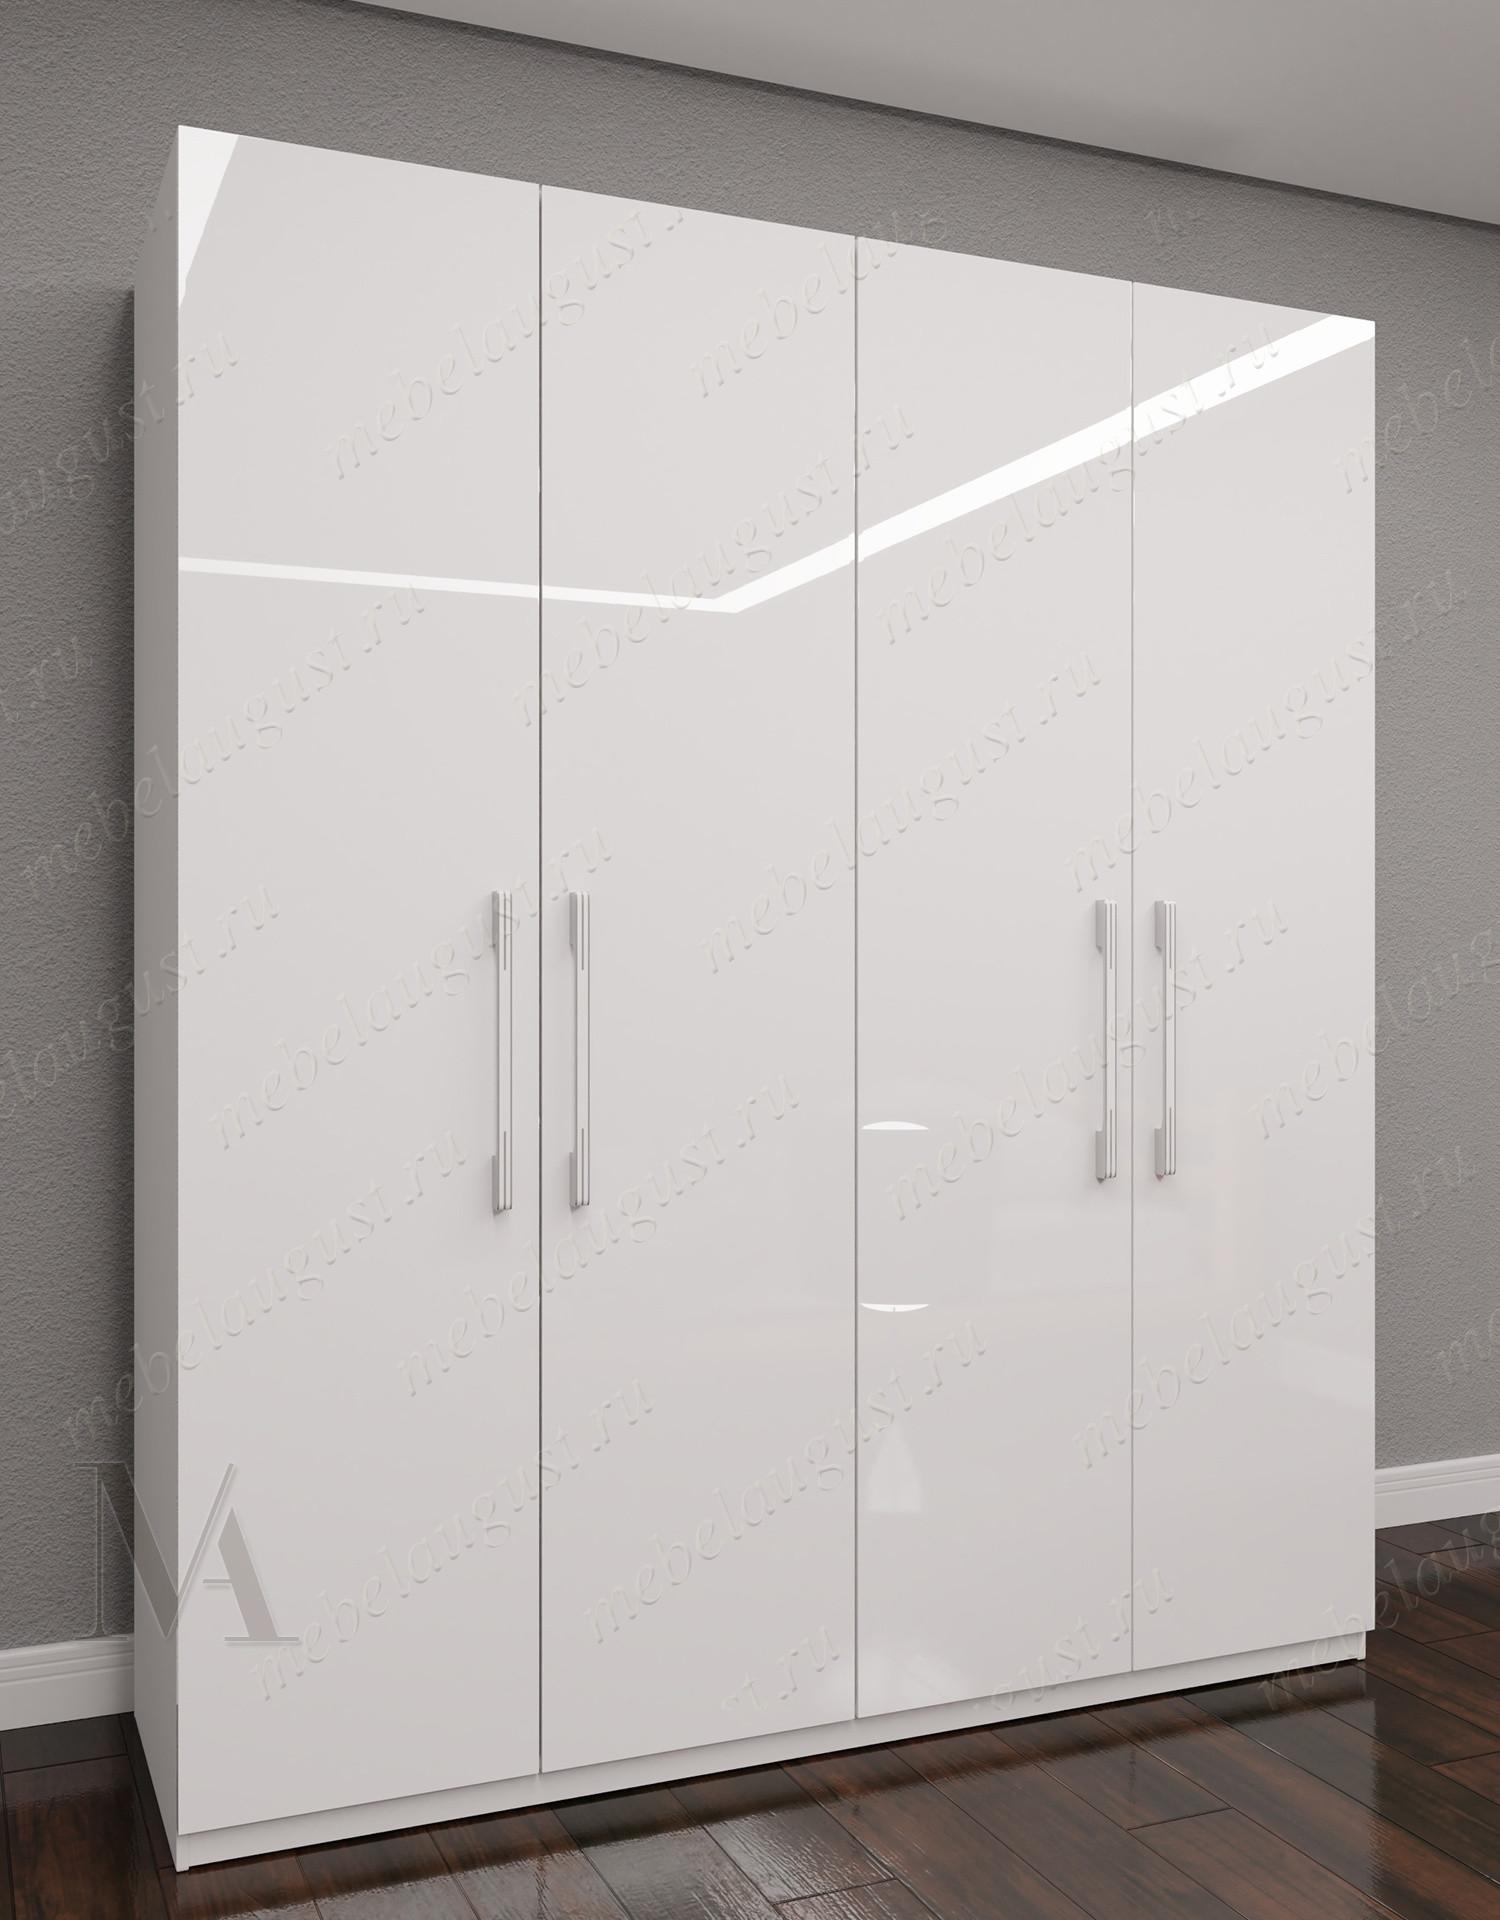 Четырехстворчатый распашной шкаф для одежды для спальни цвета белый глянец